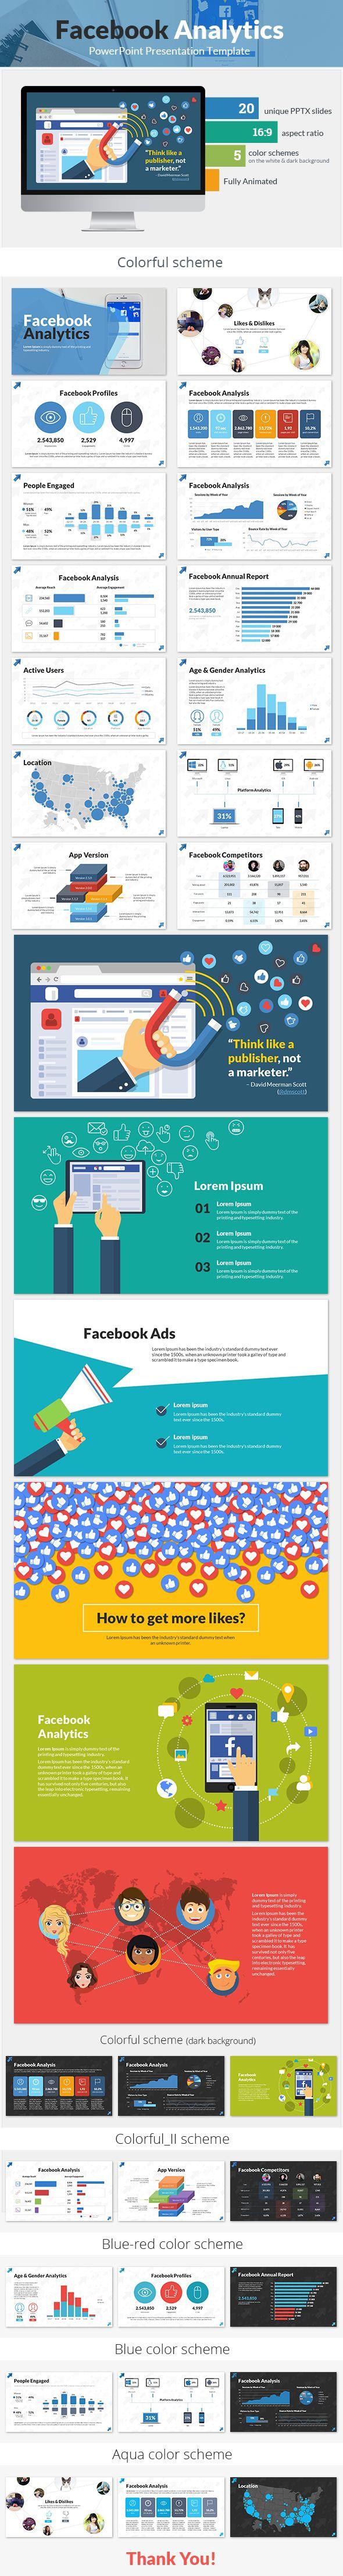 facebook analytics powerpoint #presentation template - business, Facebook Powerpoint Presentation Template, Presentation templates